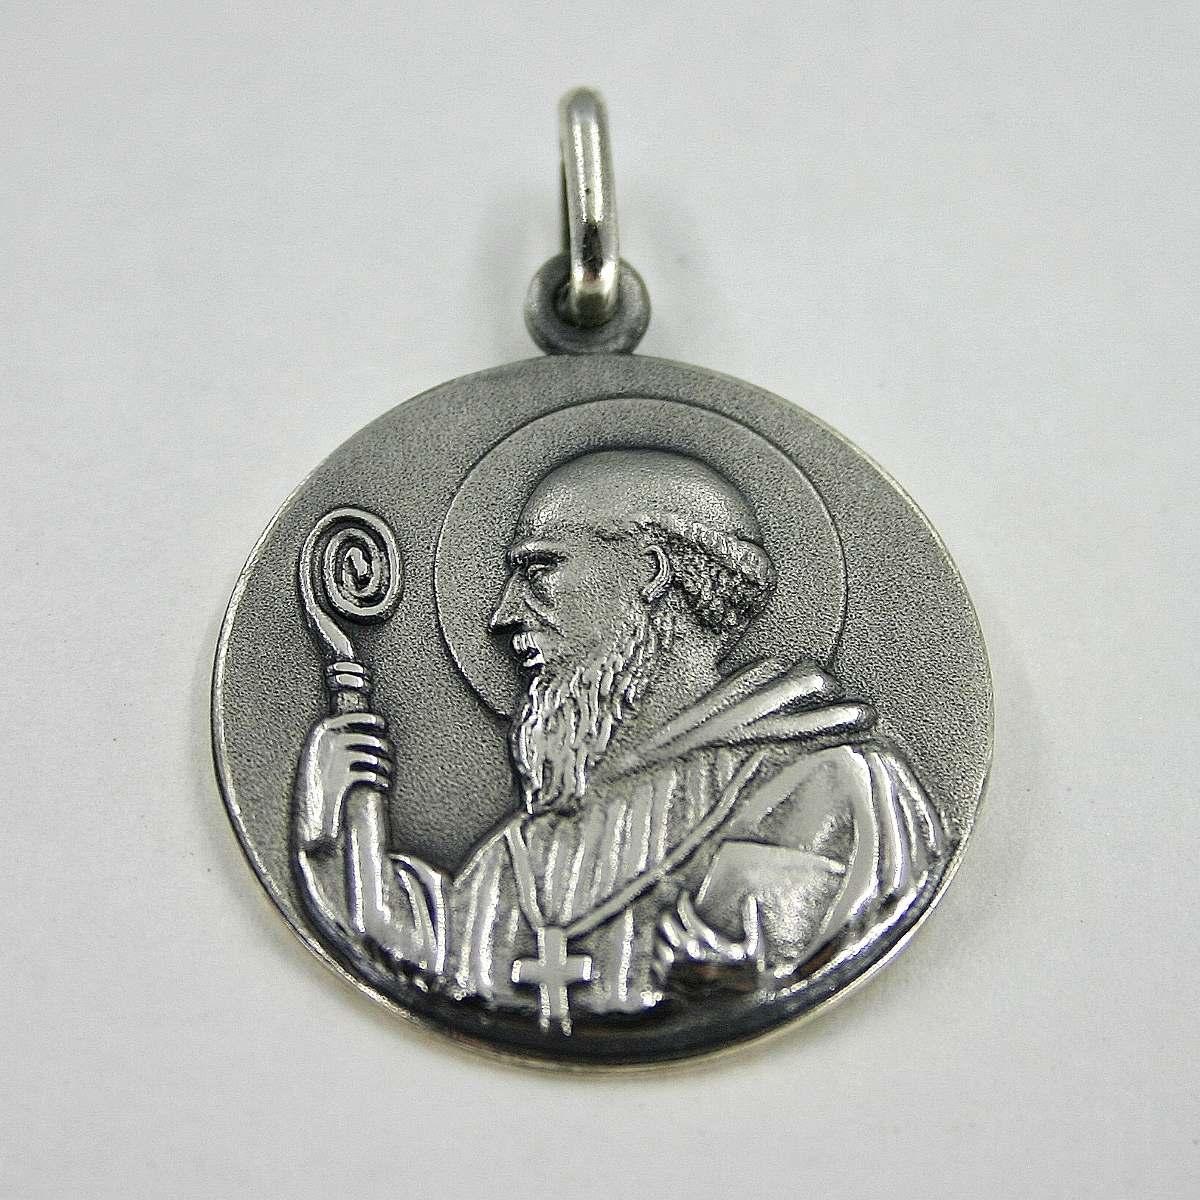 c70d684d956 medalla san benito plata 925 18mm protector de nuestro hogar. Cargando zoom.